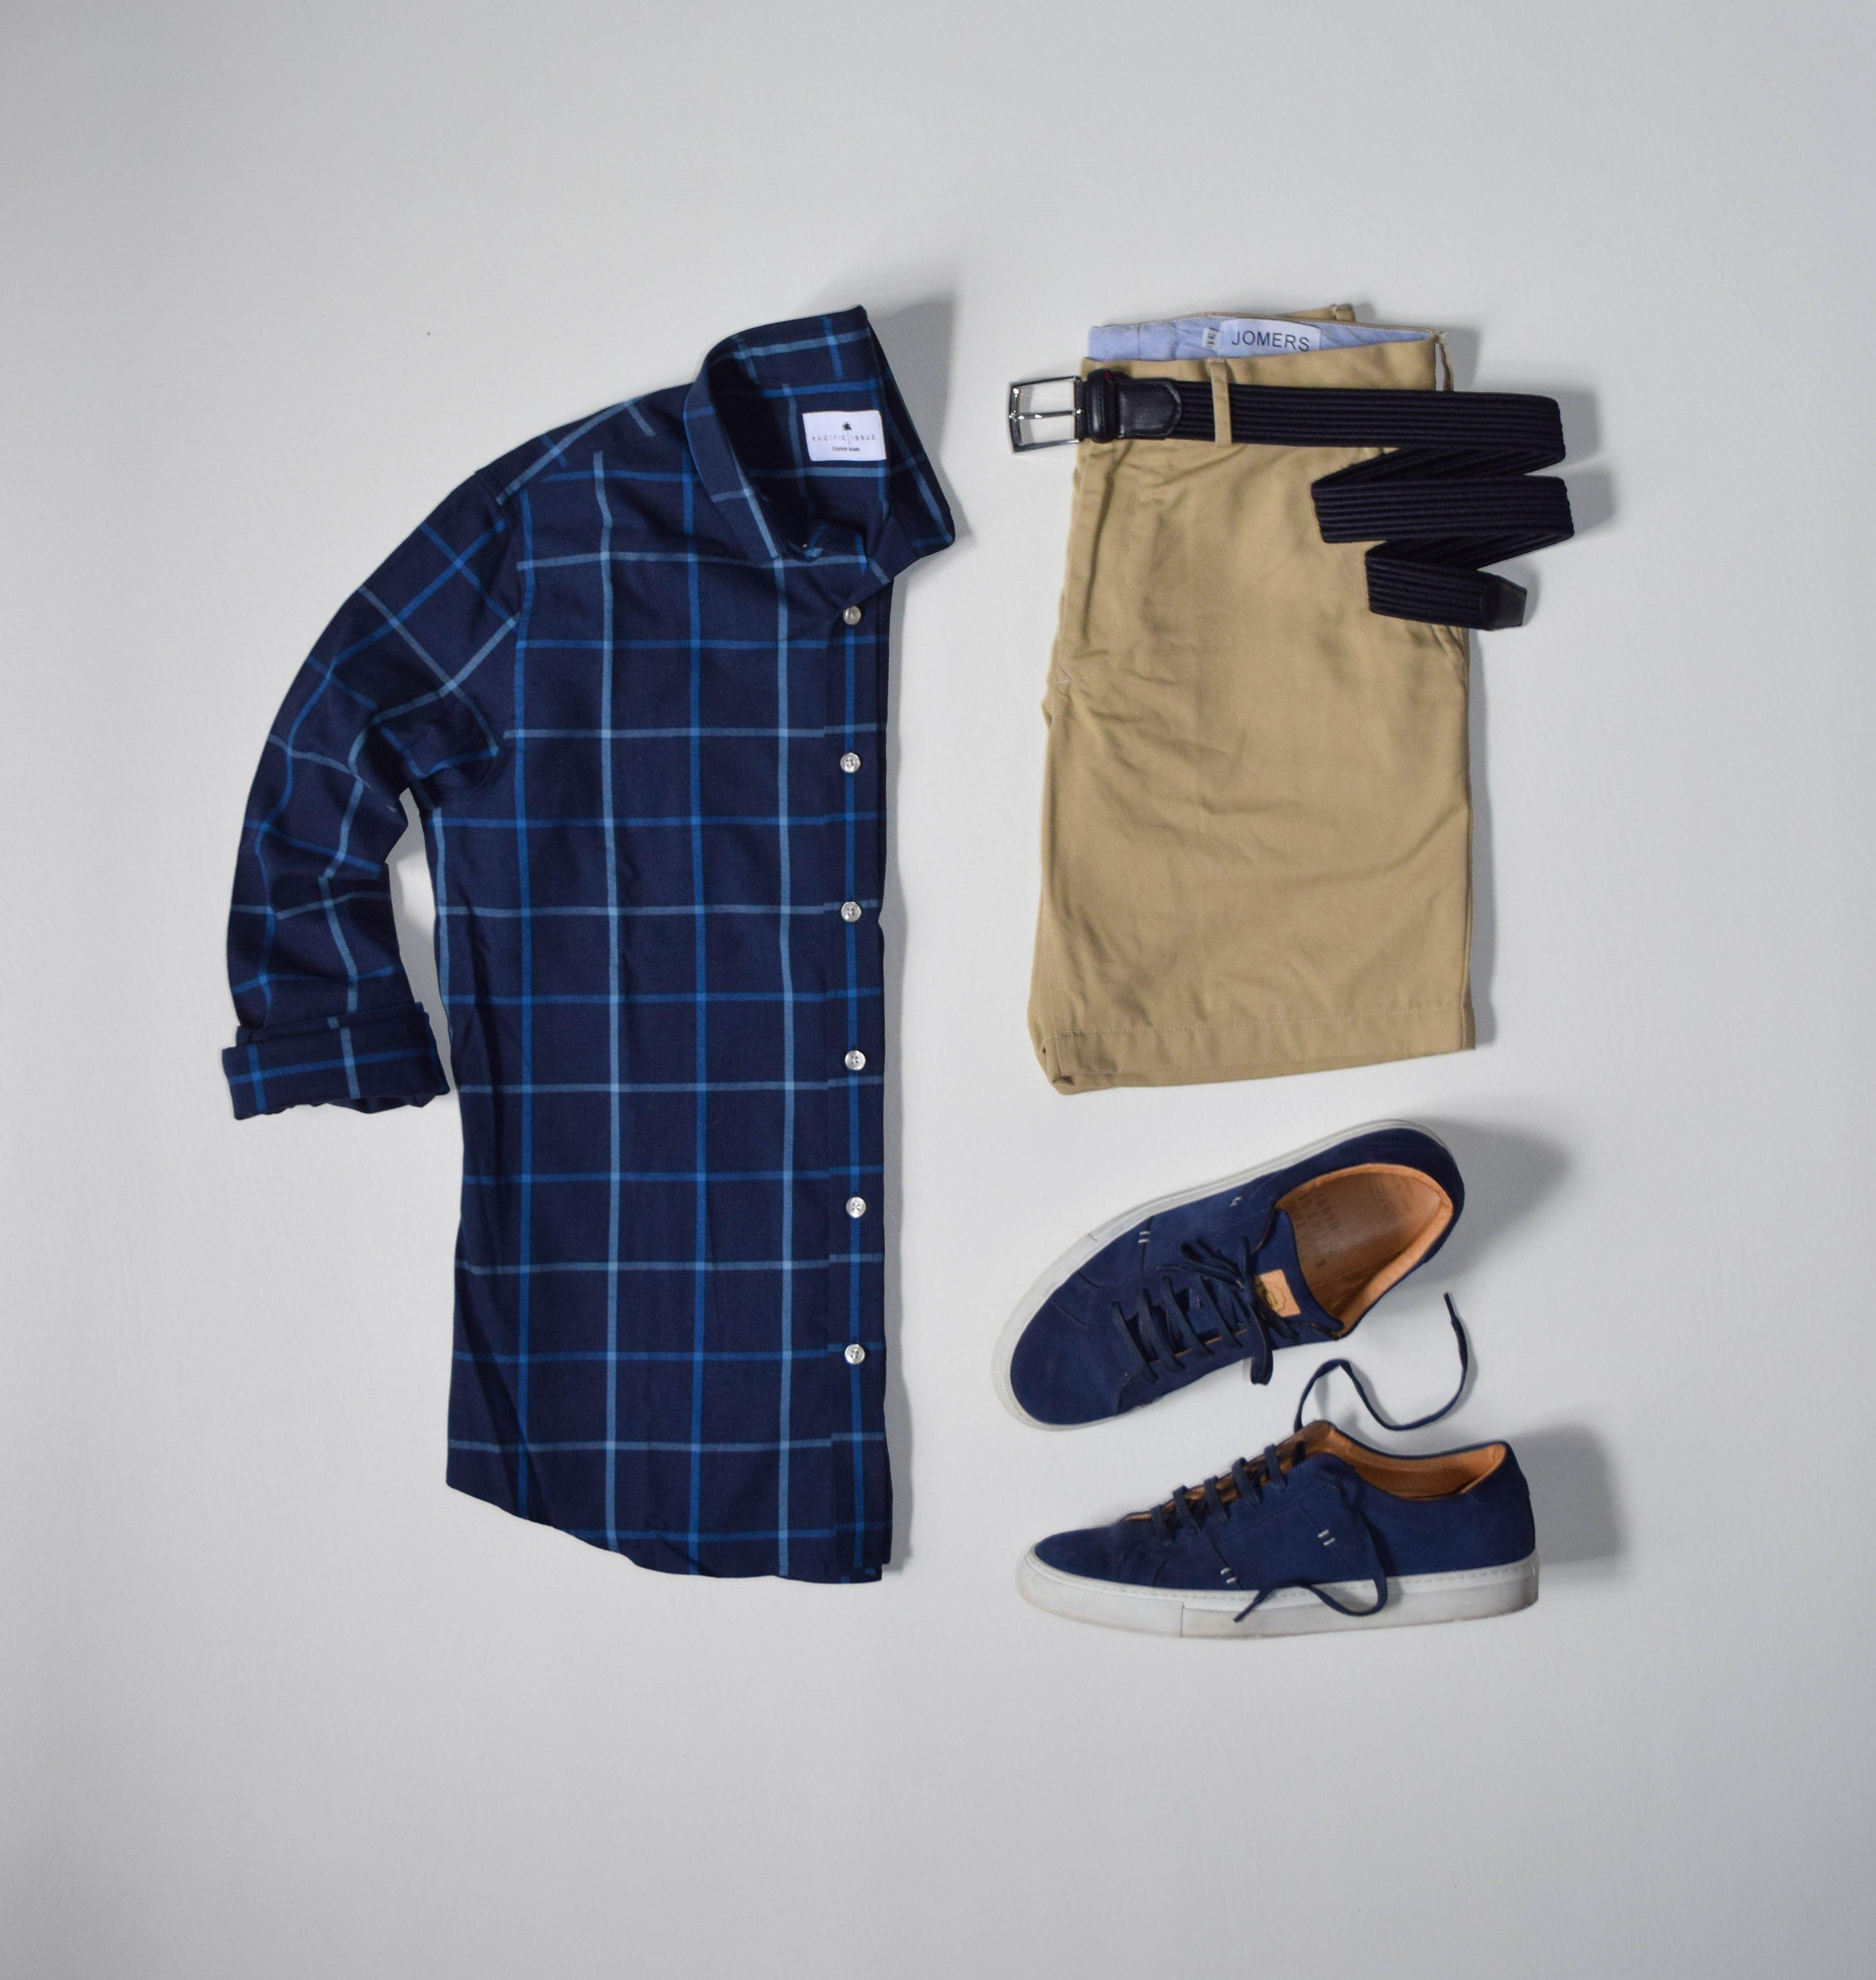 e1a95b70ffc45 Shop men s fashion